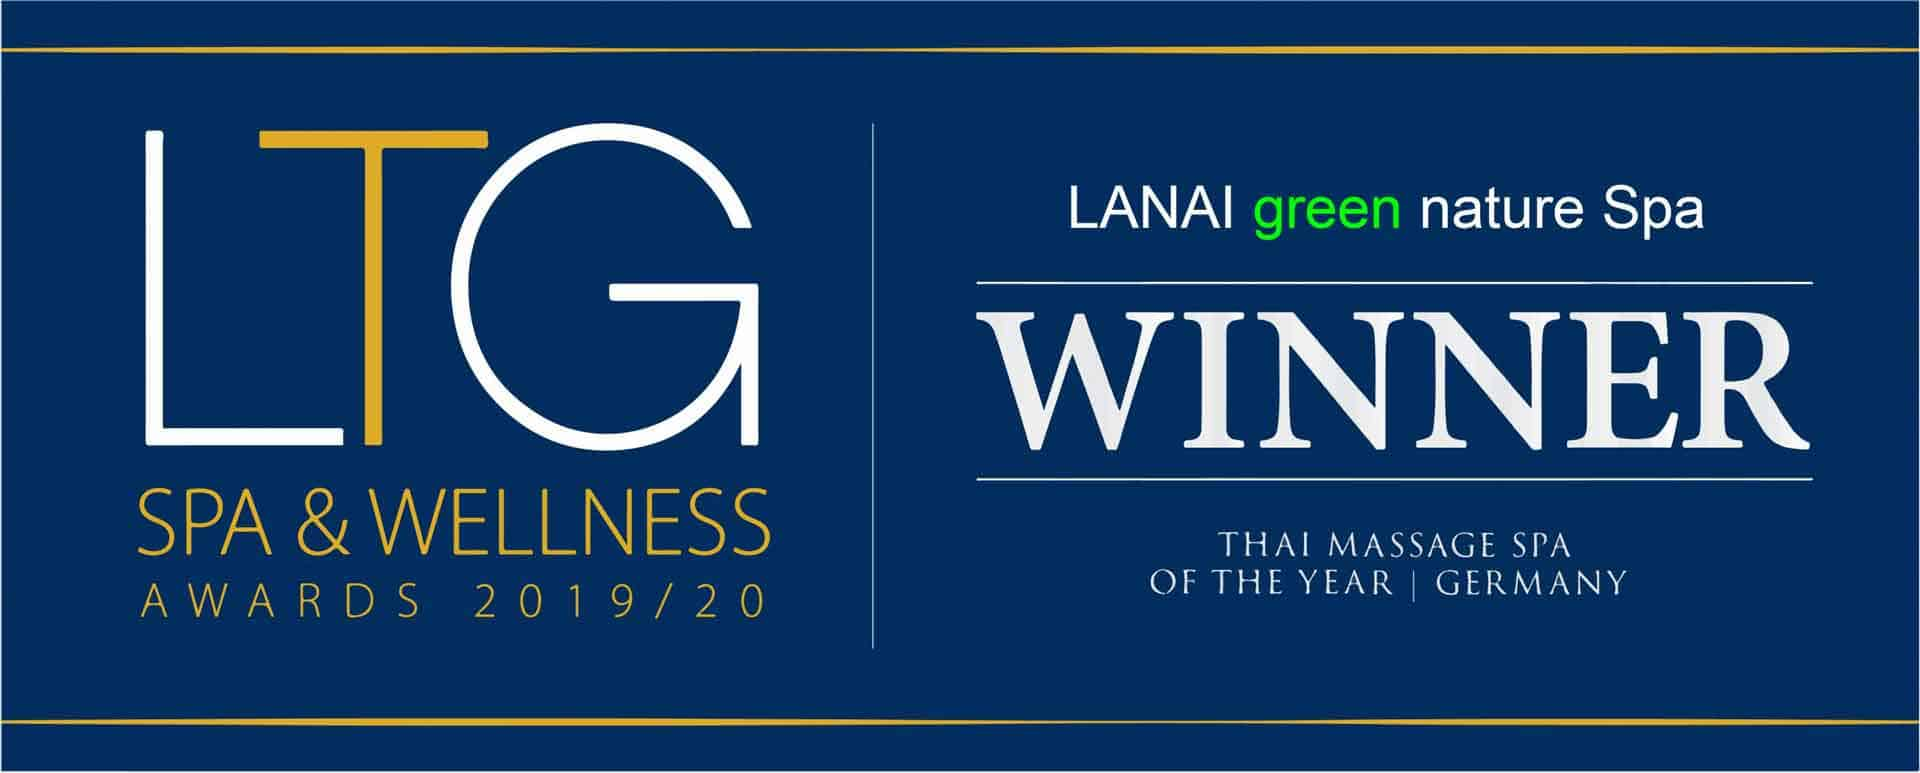 LTG Award Thai Massage & SPA Logo blau für green SPA Auszeichnung